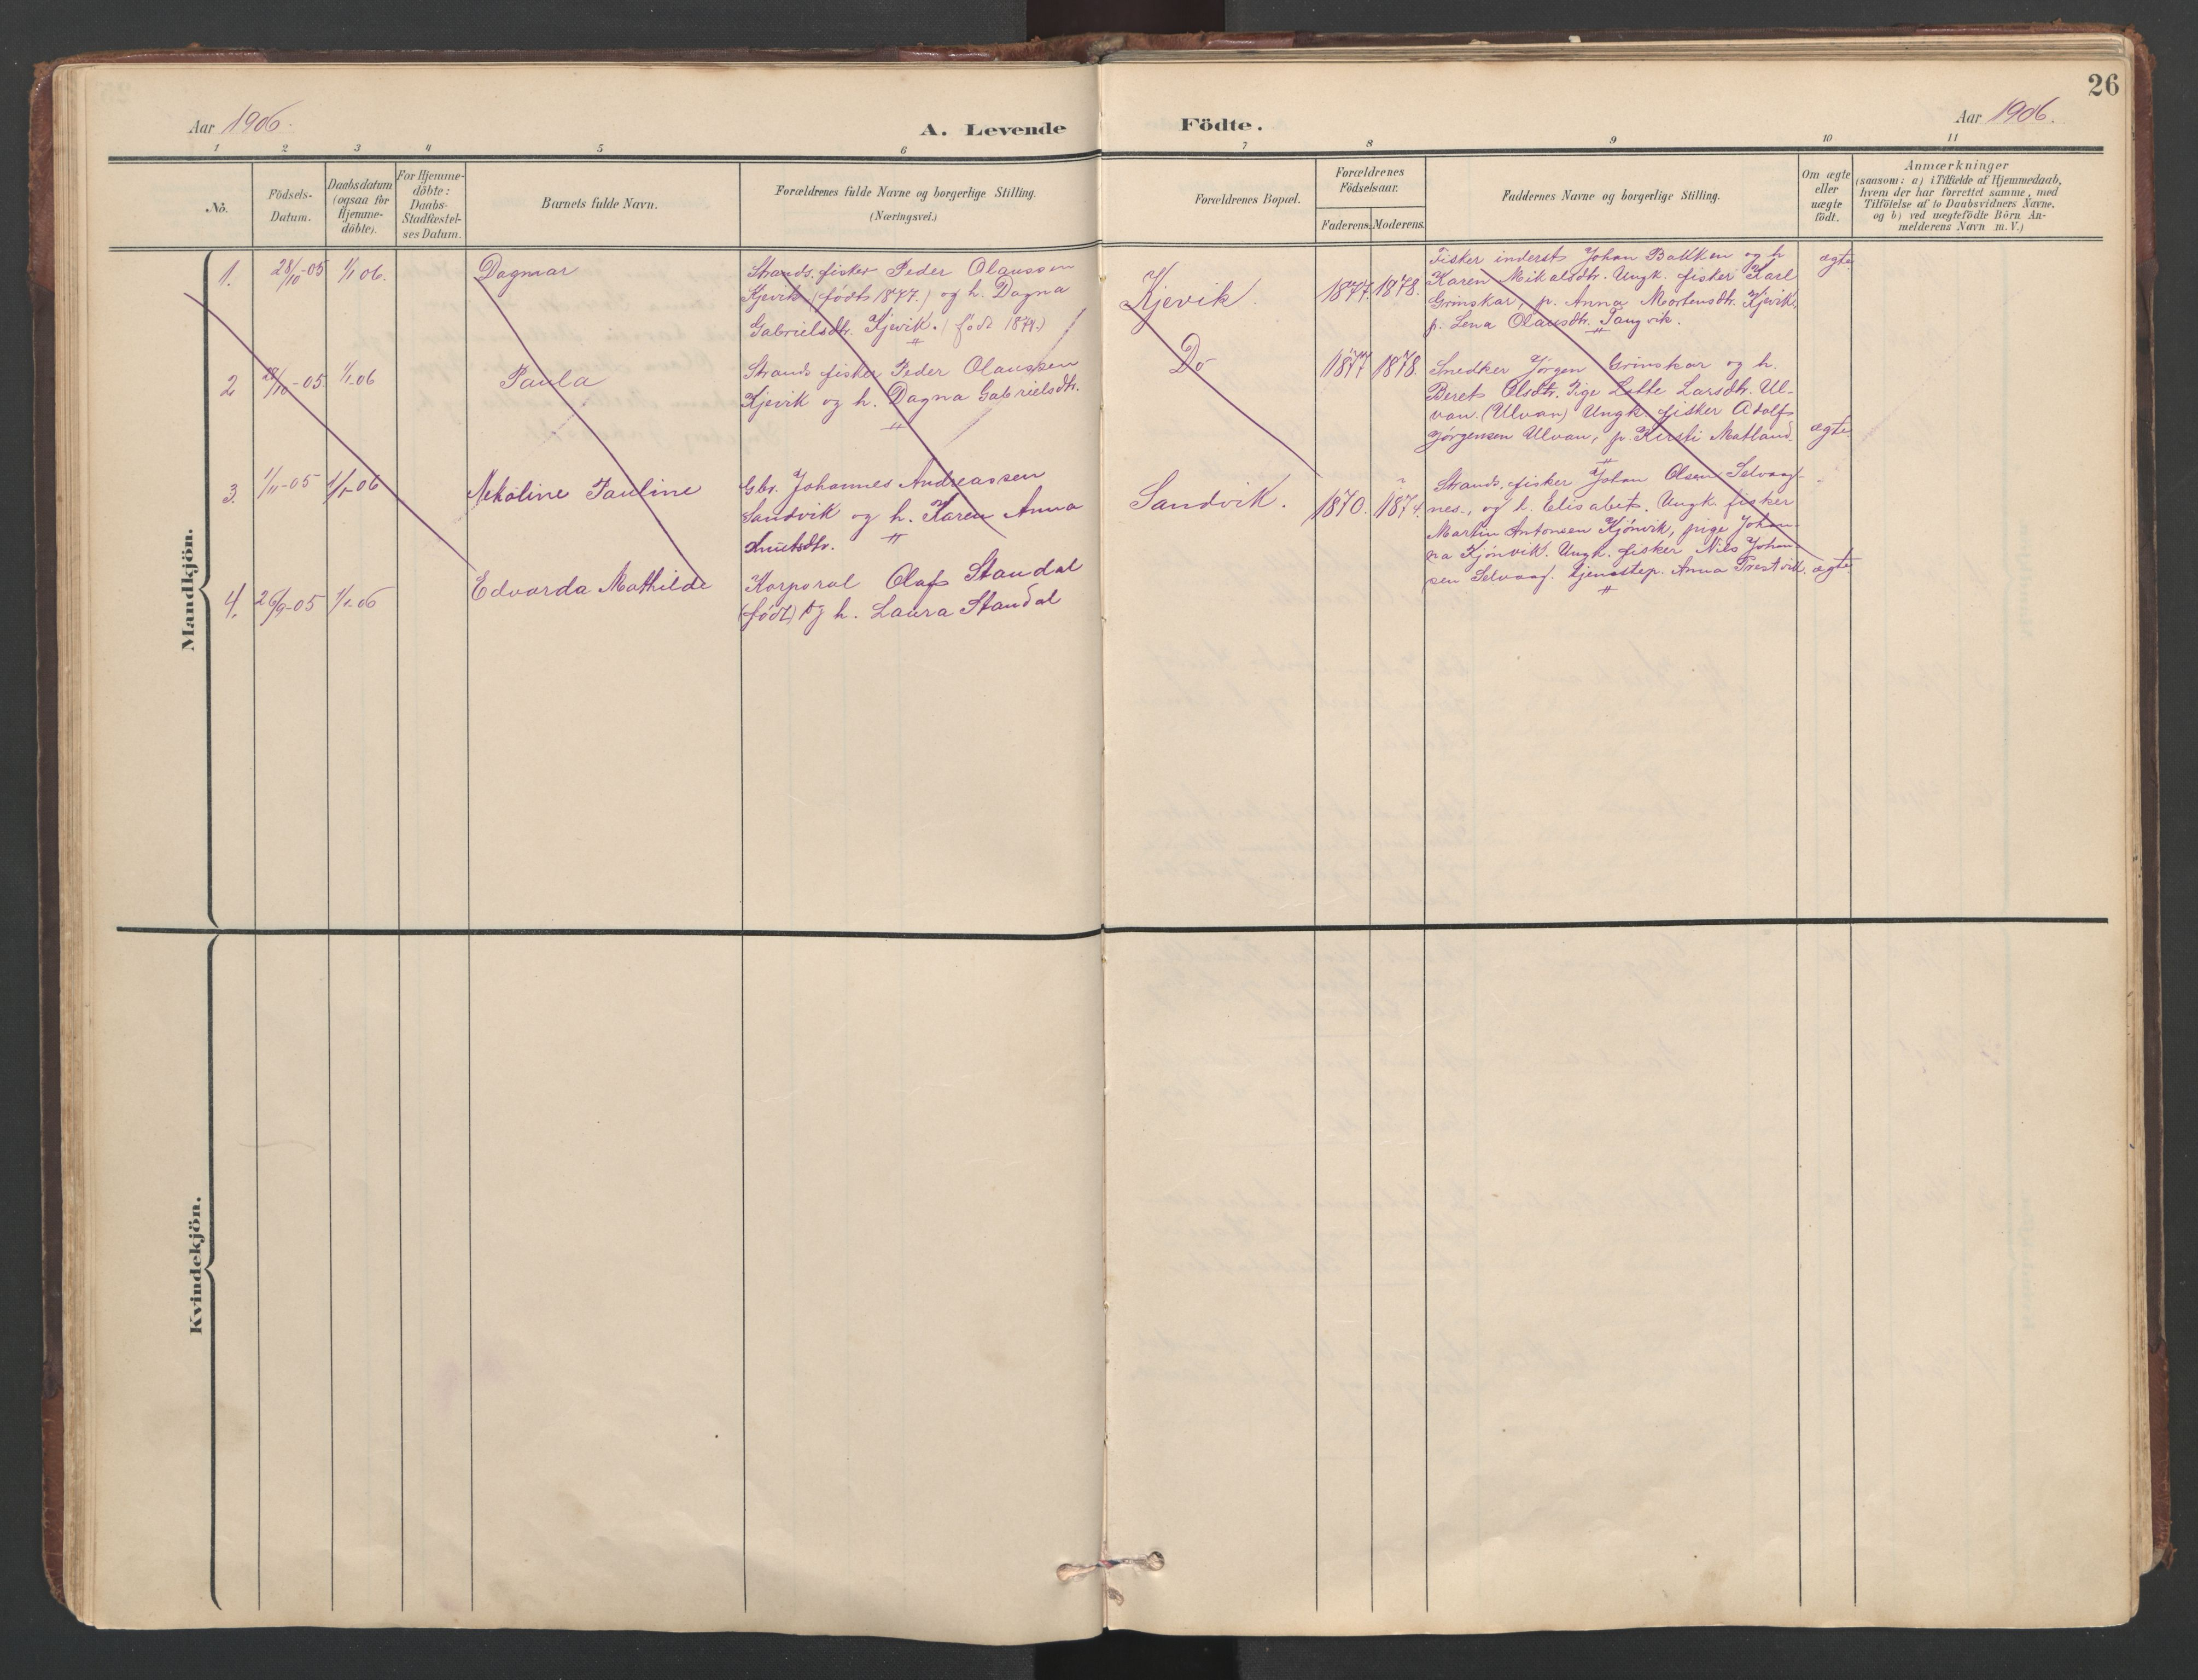 SAT, Ministerialprotokoller, klokkerbøker og fødselsregistre - Sør-Trøndelag, 638/L0571: Klokkerbok nr. 638C03, 1901-1930, s. 26